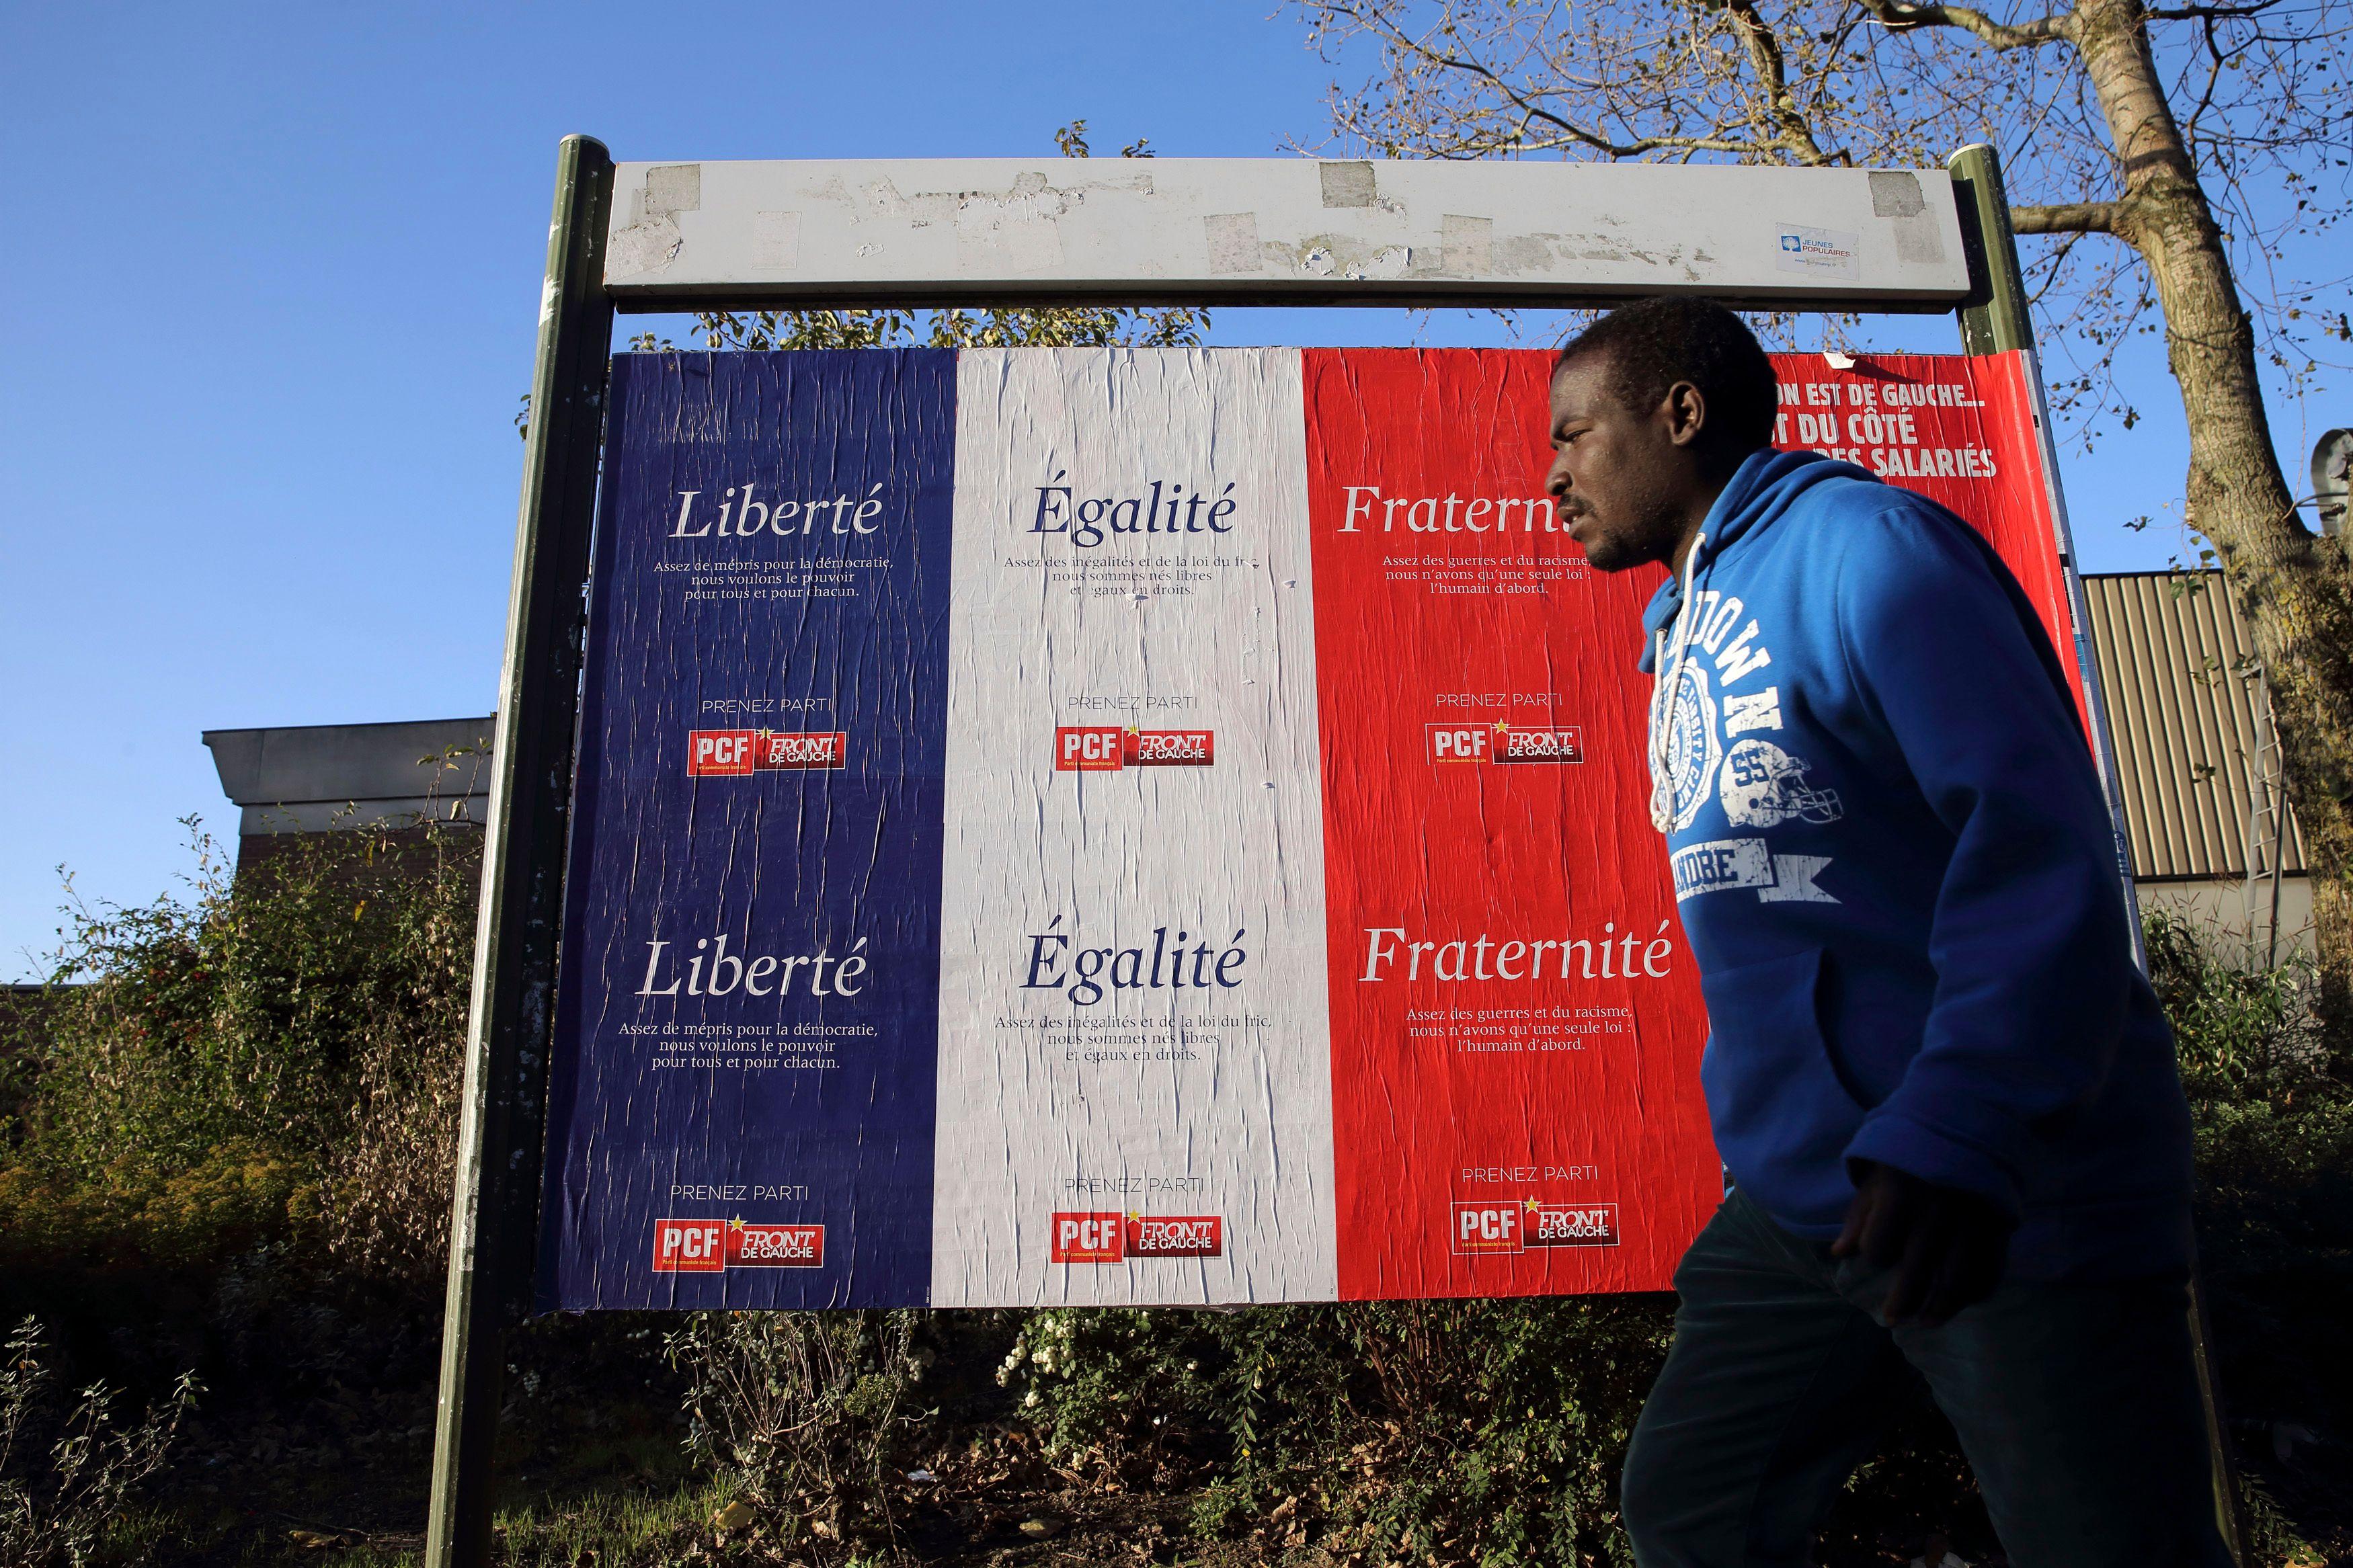 Discours publics / ressentis individuels : la France en grand écart permanent (attention claquage en vue?)